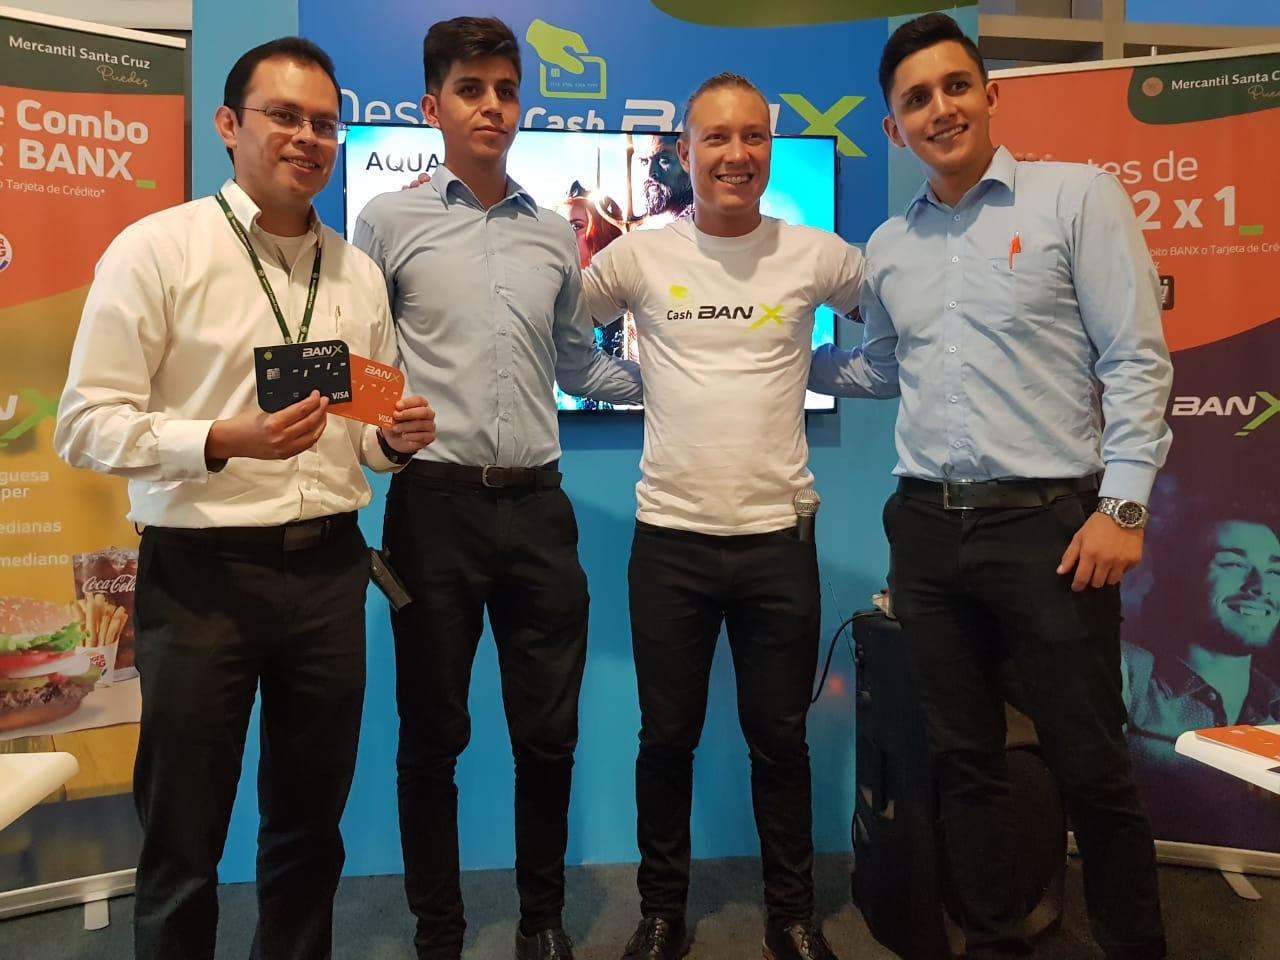 BANX del banco Mercantil Santa Cruz presentó la nueva temporada de CashBANX con múltiples beneficios para sus usuarios